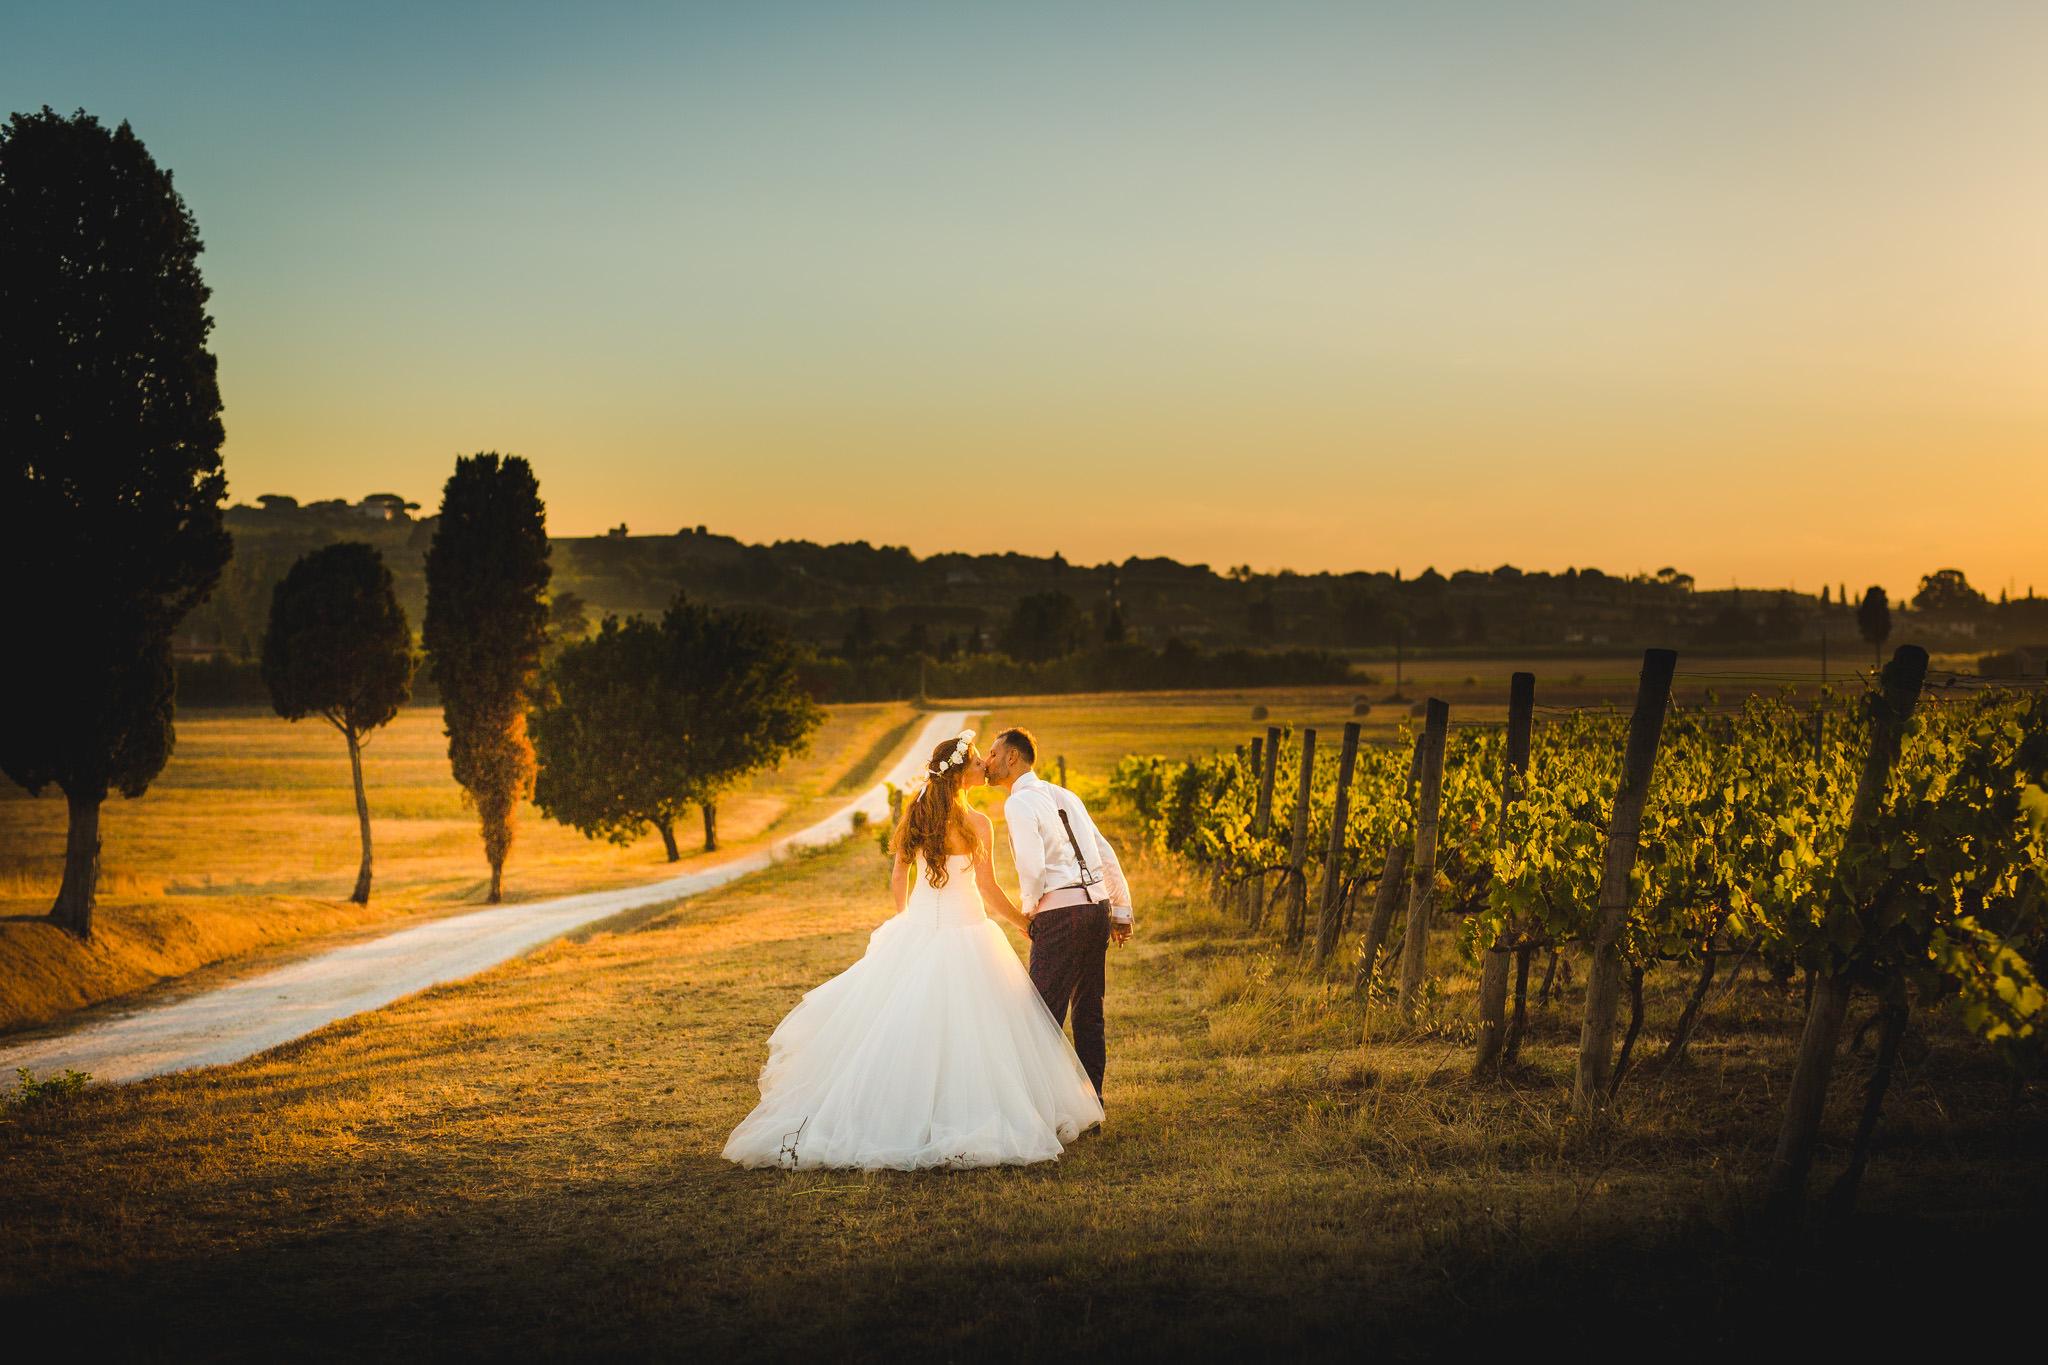 Matrimonio Campagna Toscana : Fotografo di matrimonio in versilia a viareggio lucca